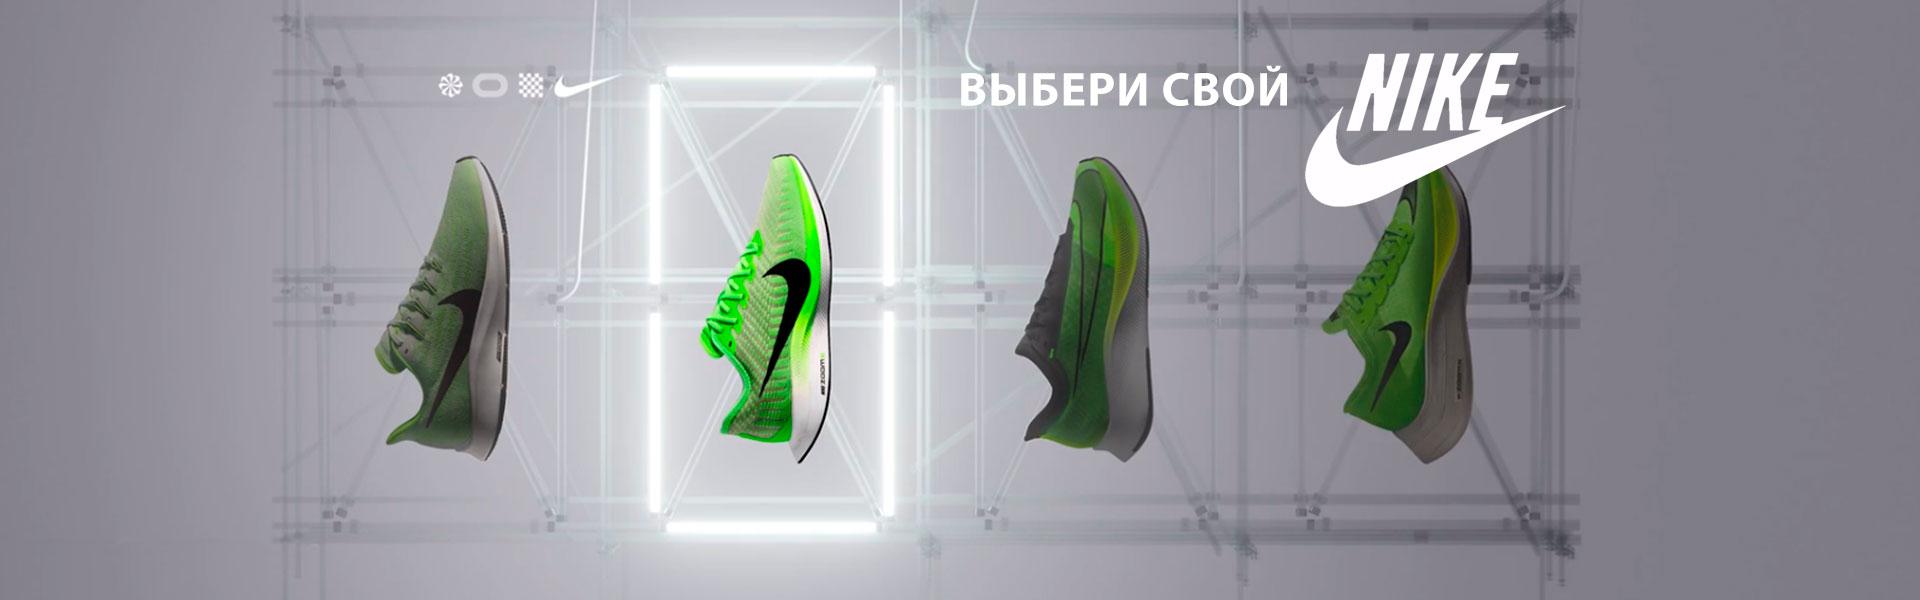 Кроссовки, спортивная обувь Nike